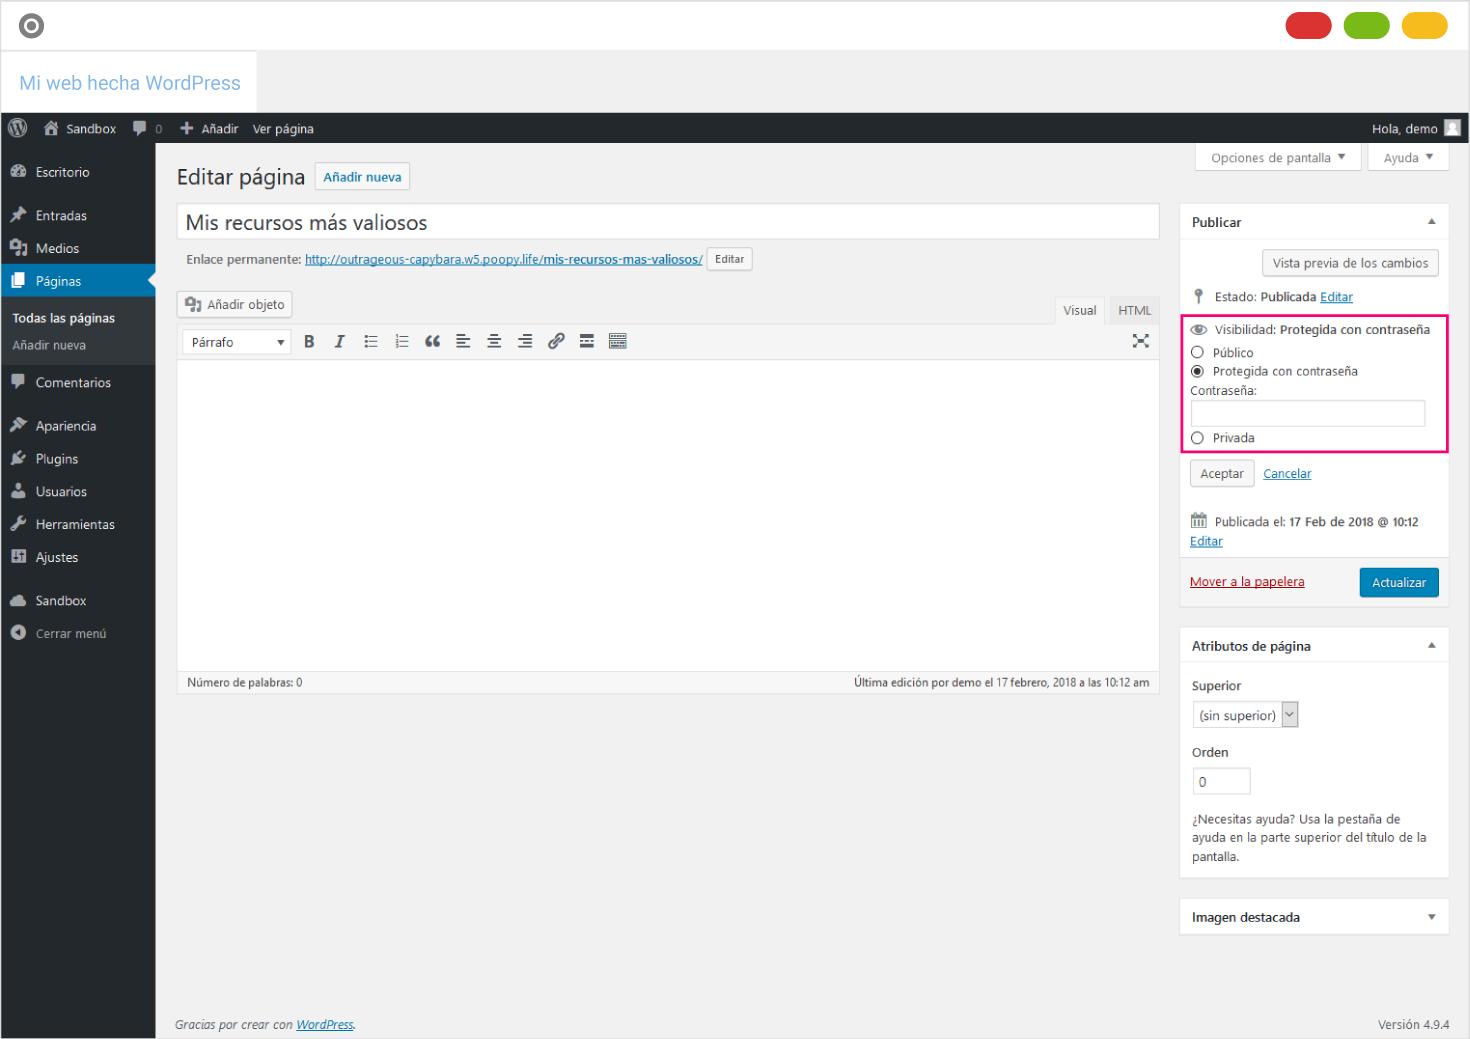 Captura de la pantalla de edición de entrada/página en WordPress